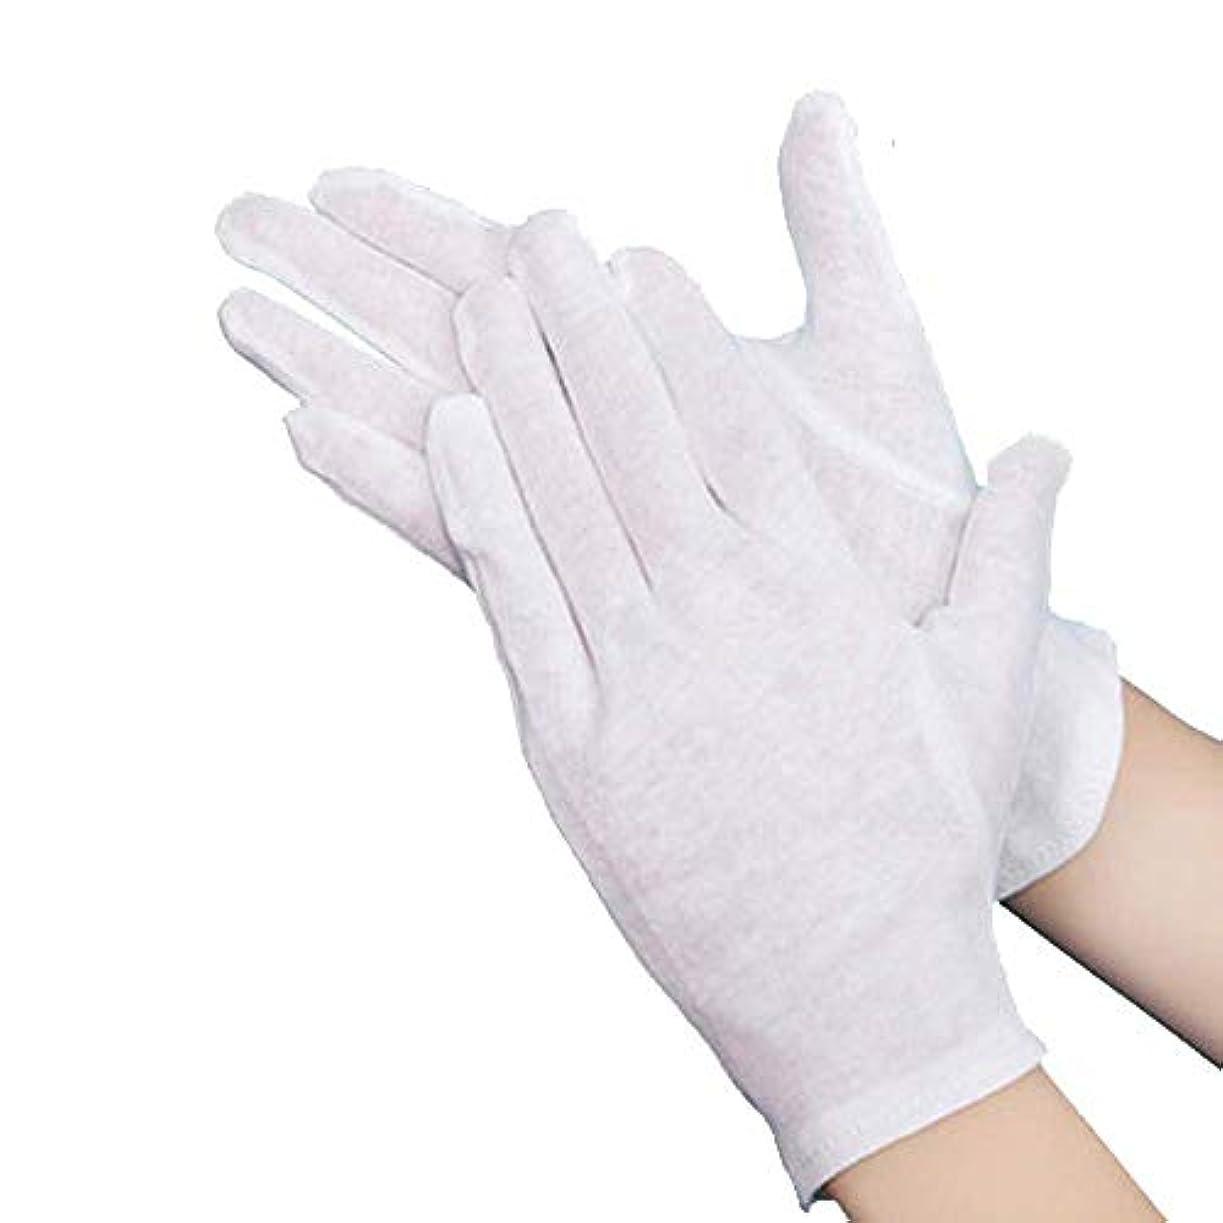 中級フォーマットクリップ10双組 M トン手袋 綿手袋 通気性